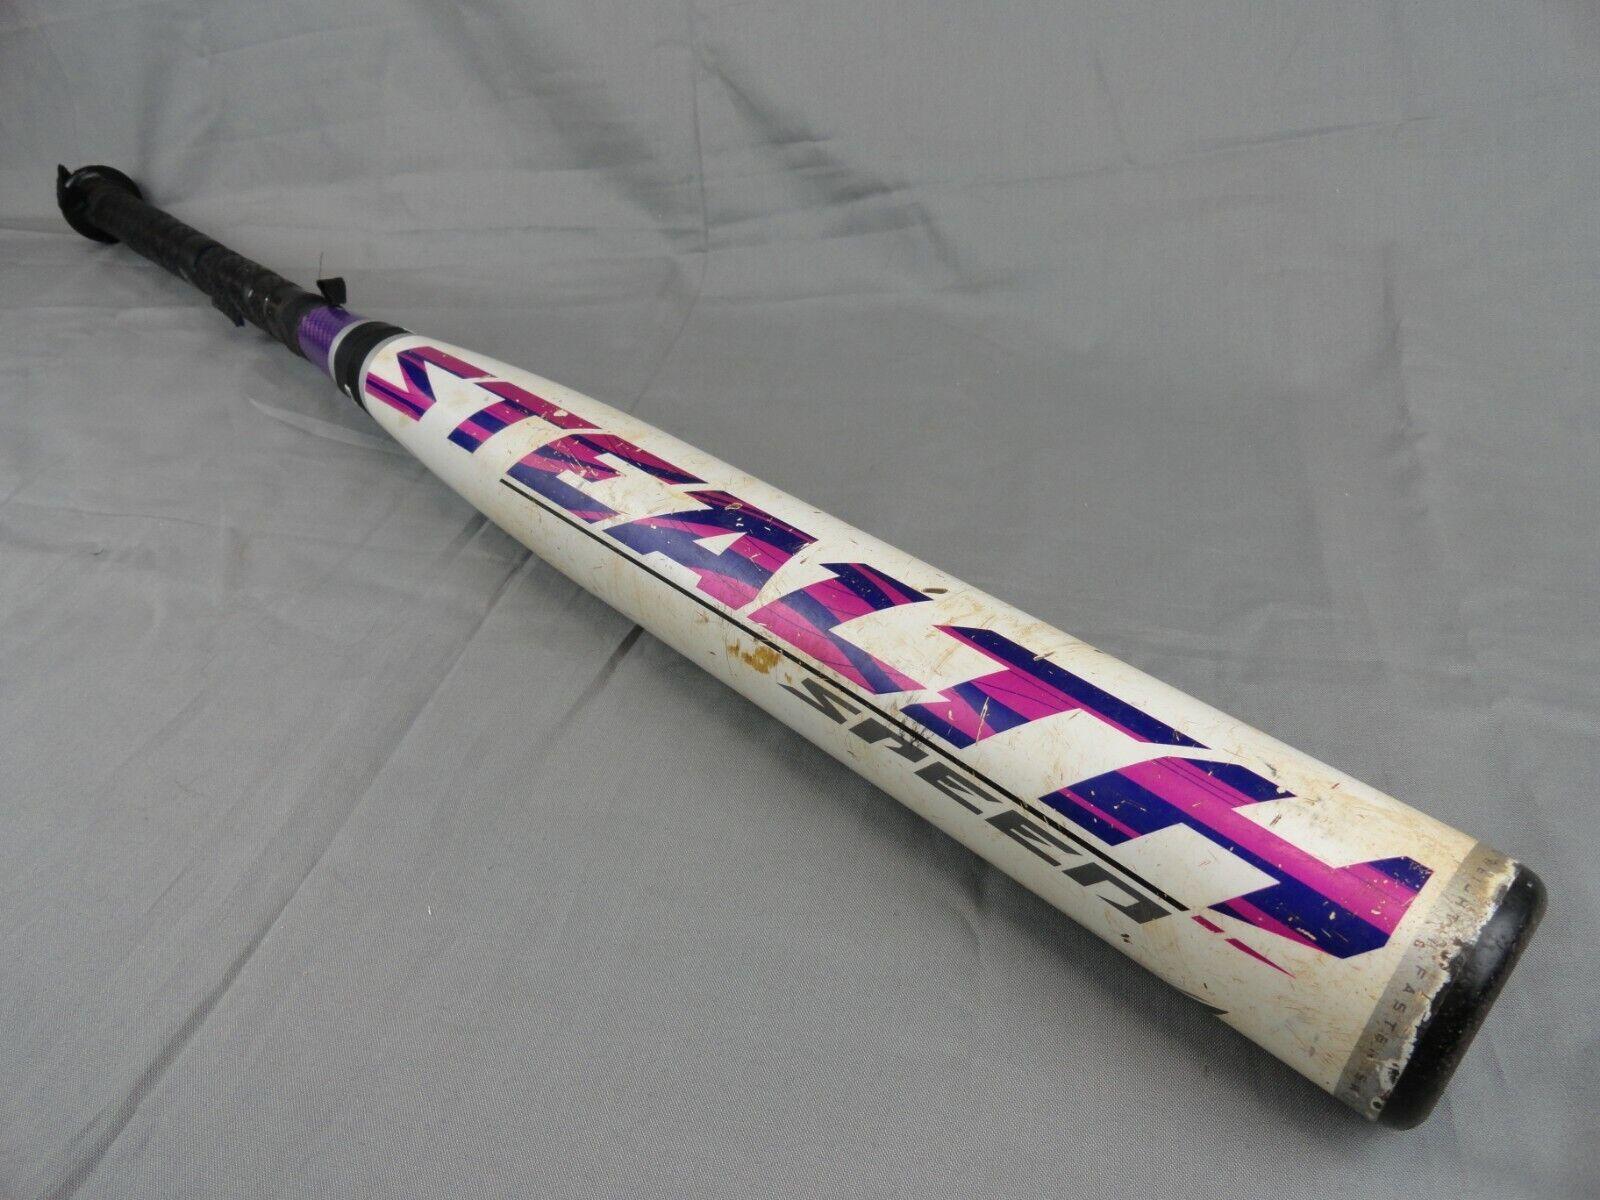 Bate Easton Stealth velocidad Cxn SSR3B Fastpitch Softball -10 31 21